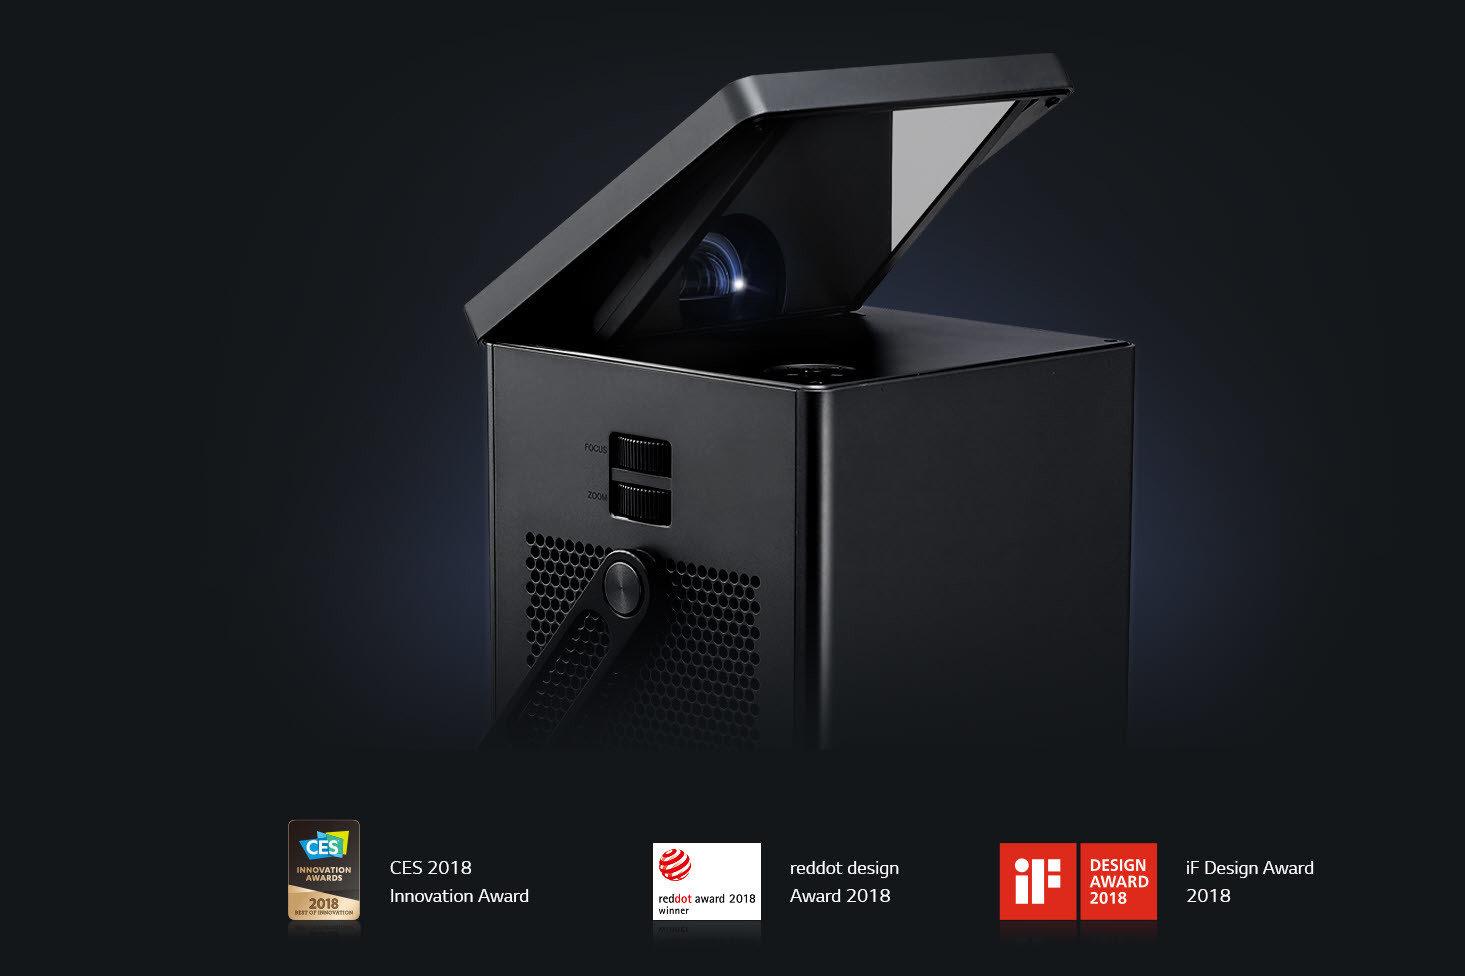 150 cali oszałamiającej rozdzielczości 4K lub kompaktowa, lekka bryła z akumulatorem, diodami LED i bezprzewodowym obrazem Full HD – oto nowe projektory od LG